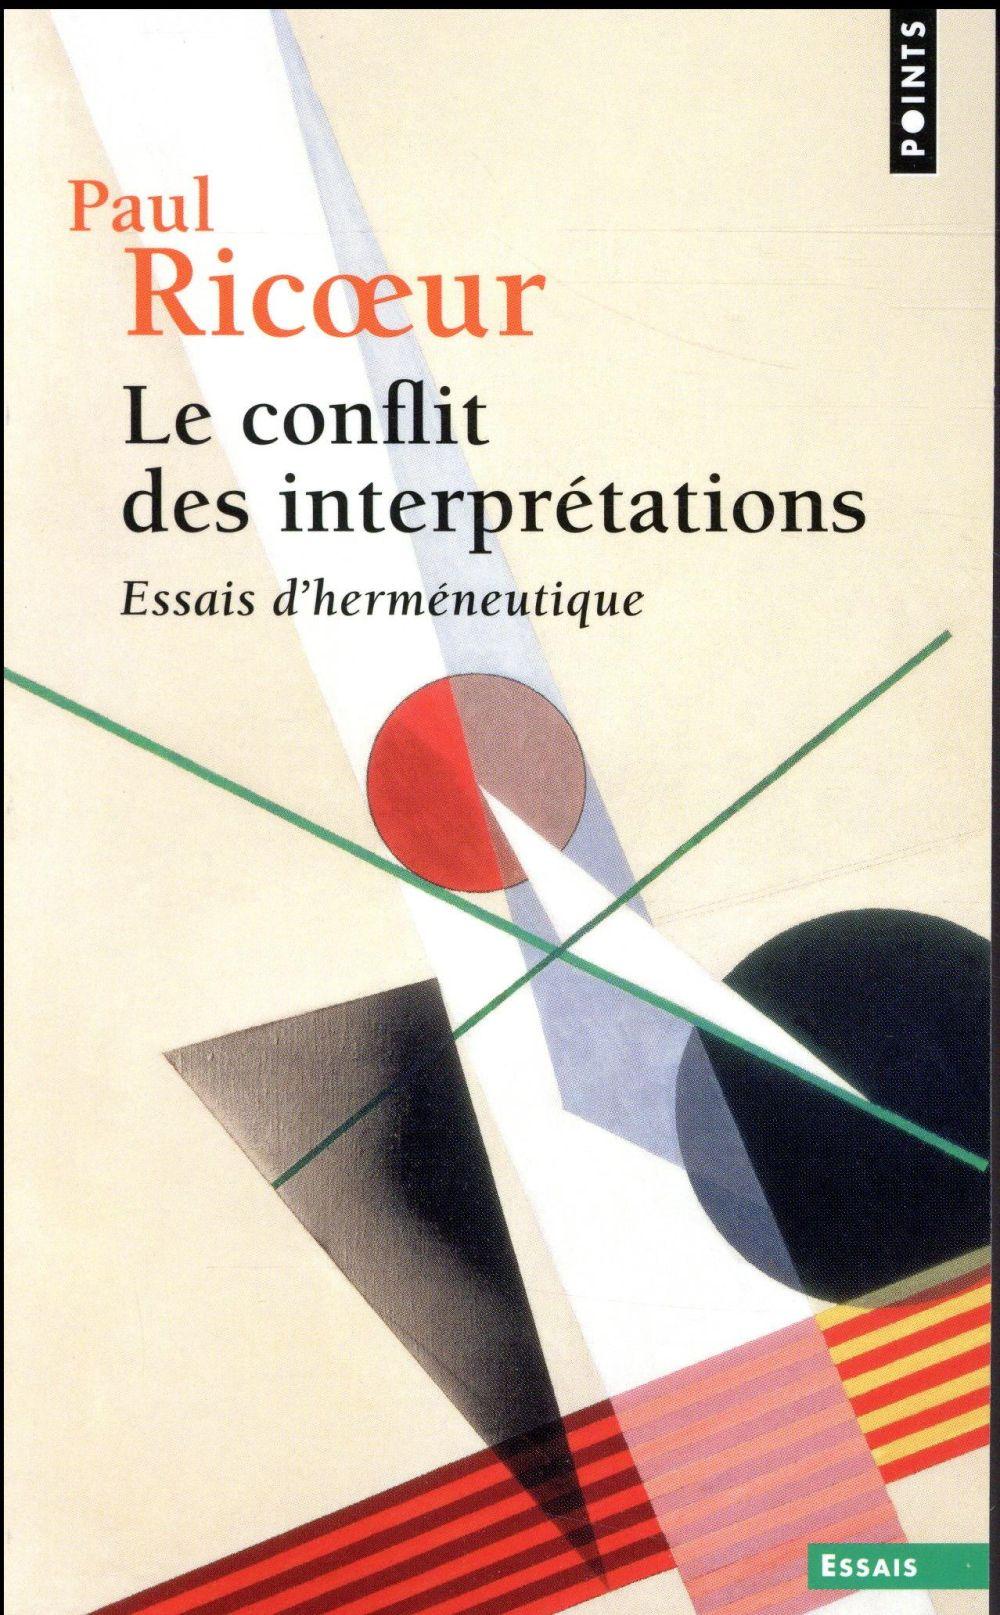 Le conflit des interprétations ; essais d'herméneutique